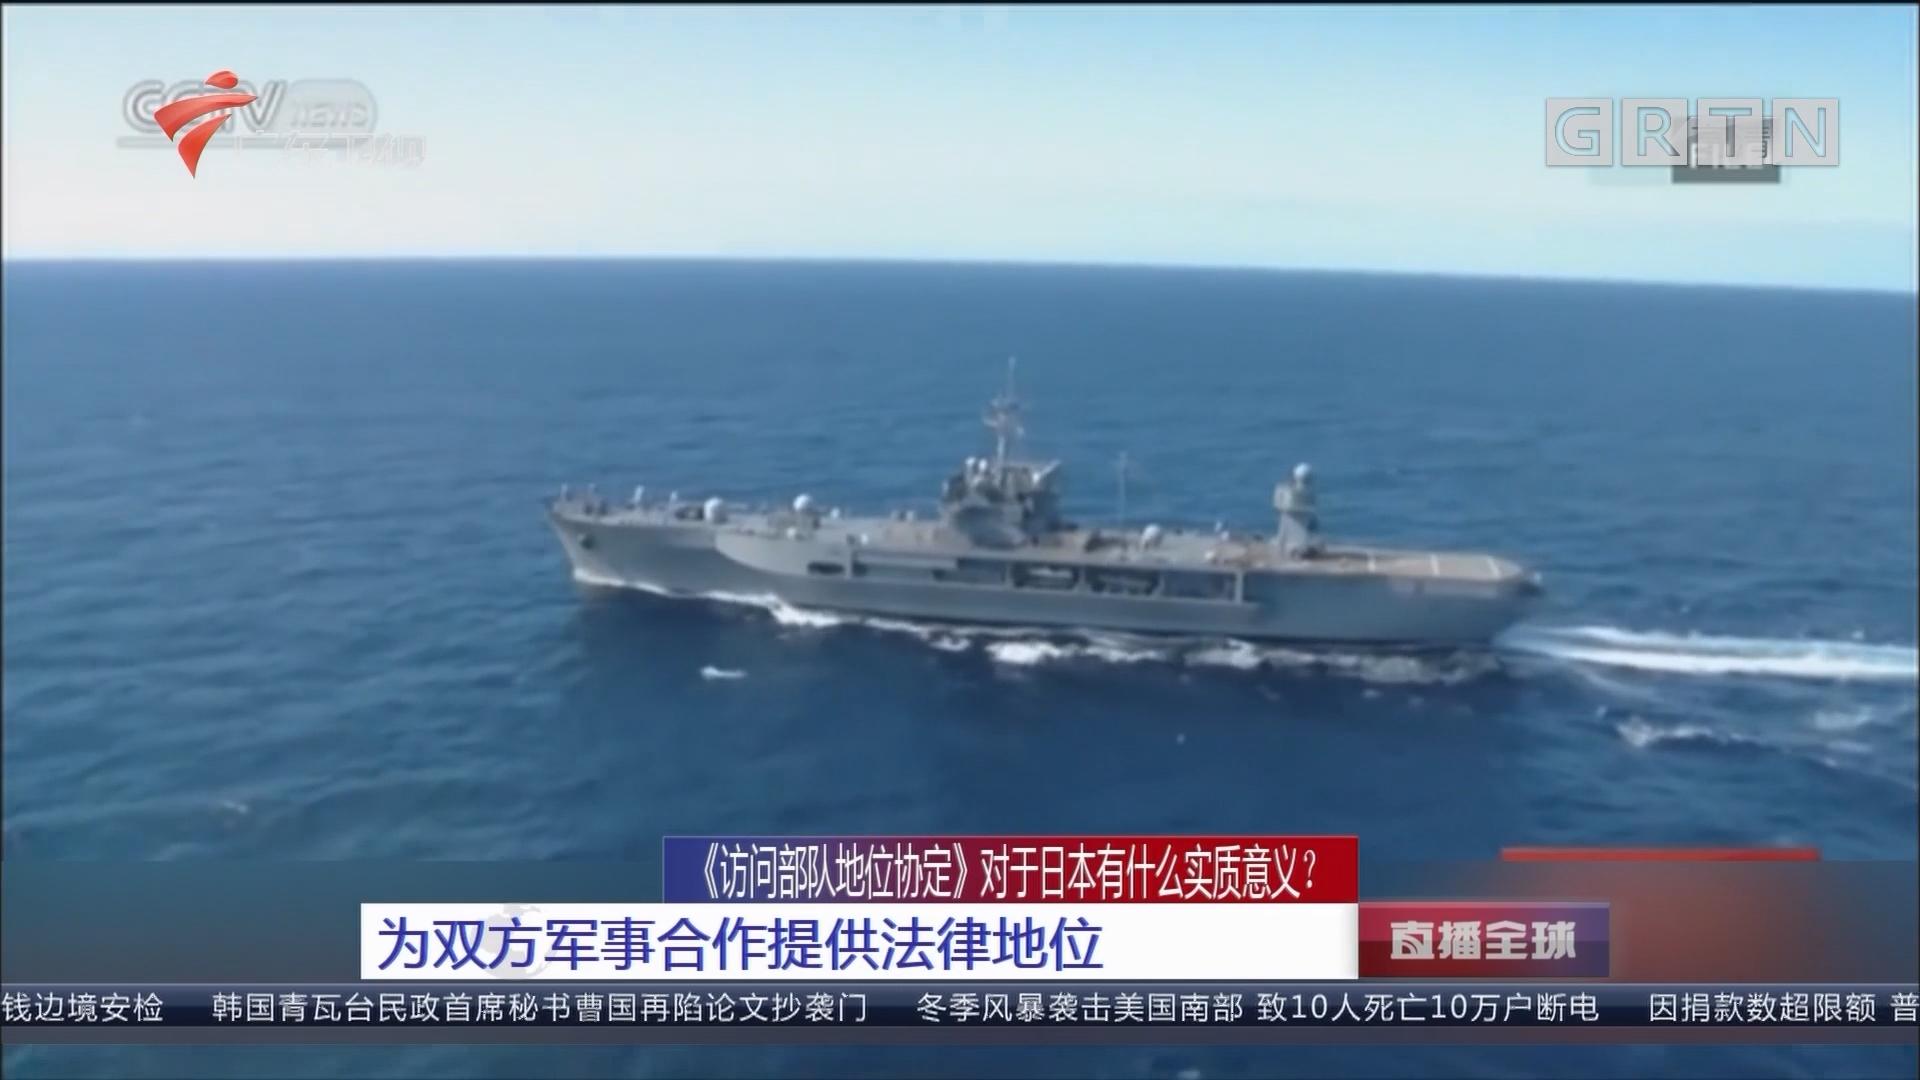 《访问部队地位协定》对于日本有什么实质意义? 为双方军事合作提供法律地位